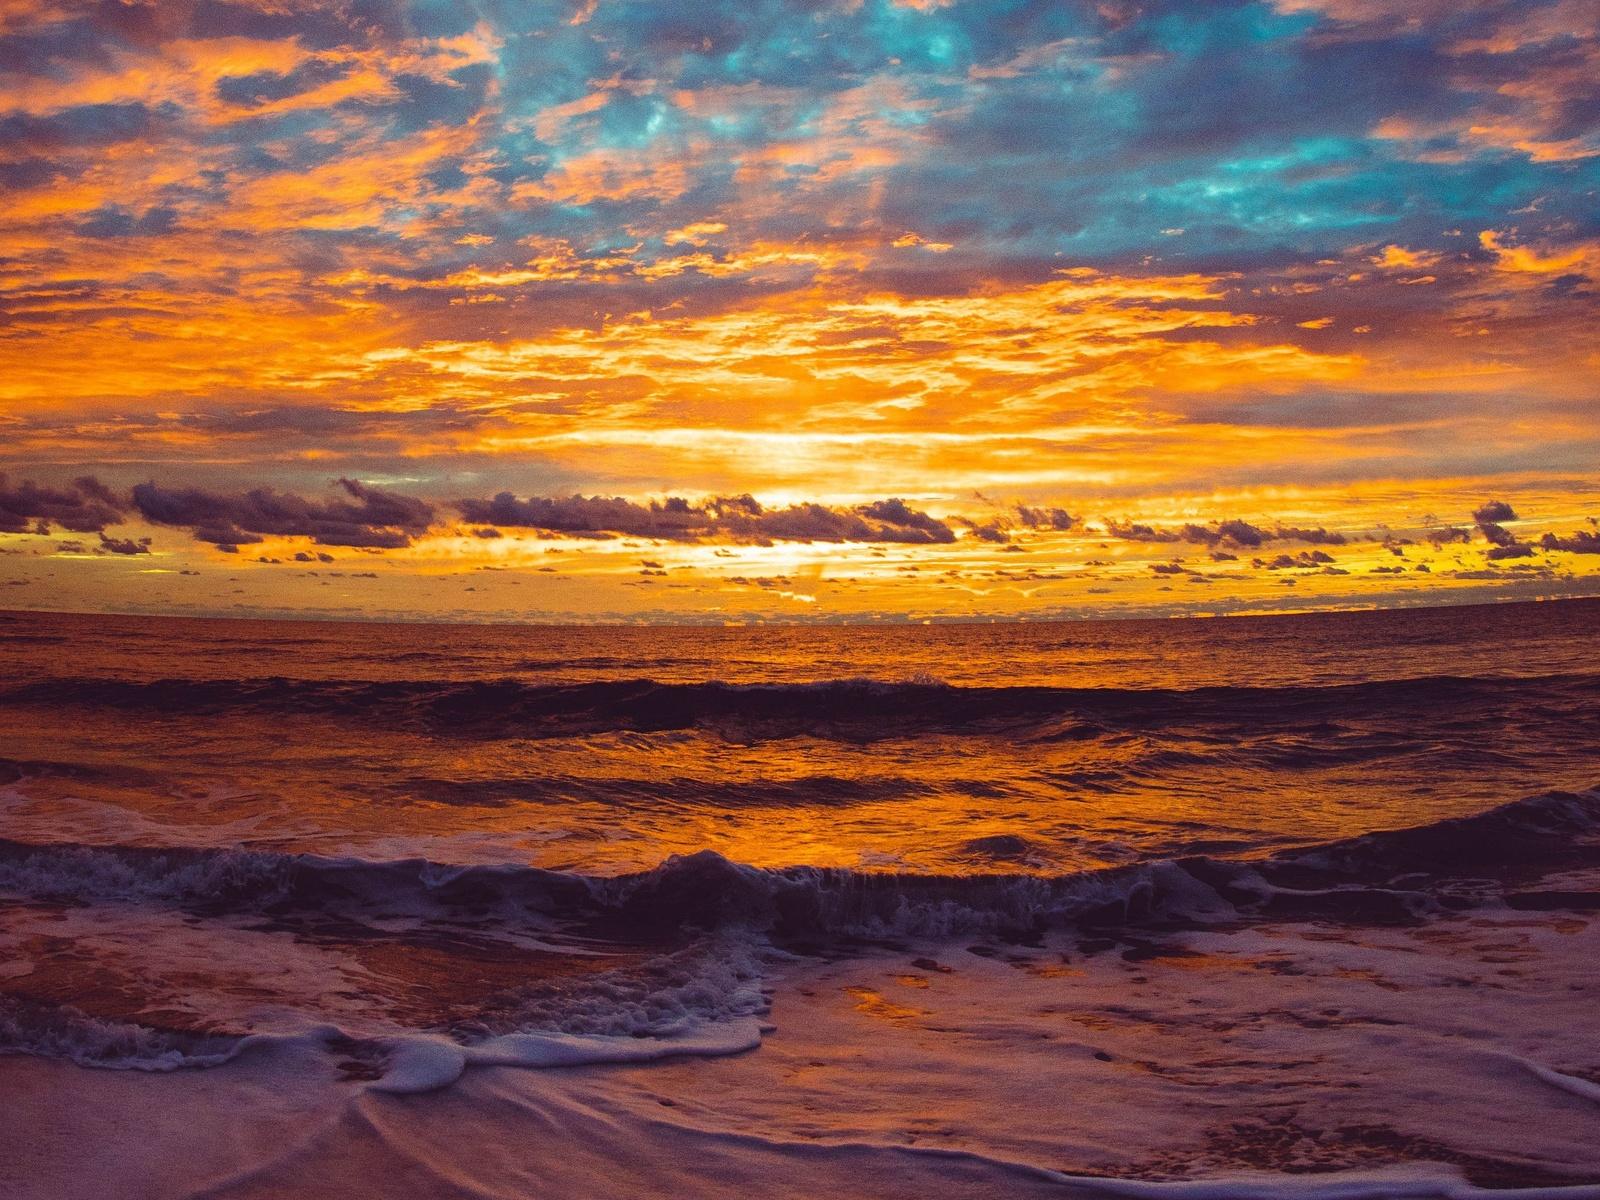 море, закат